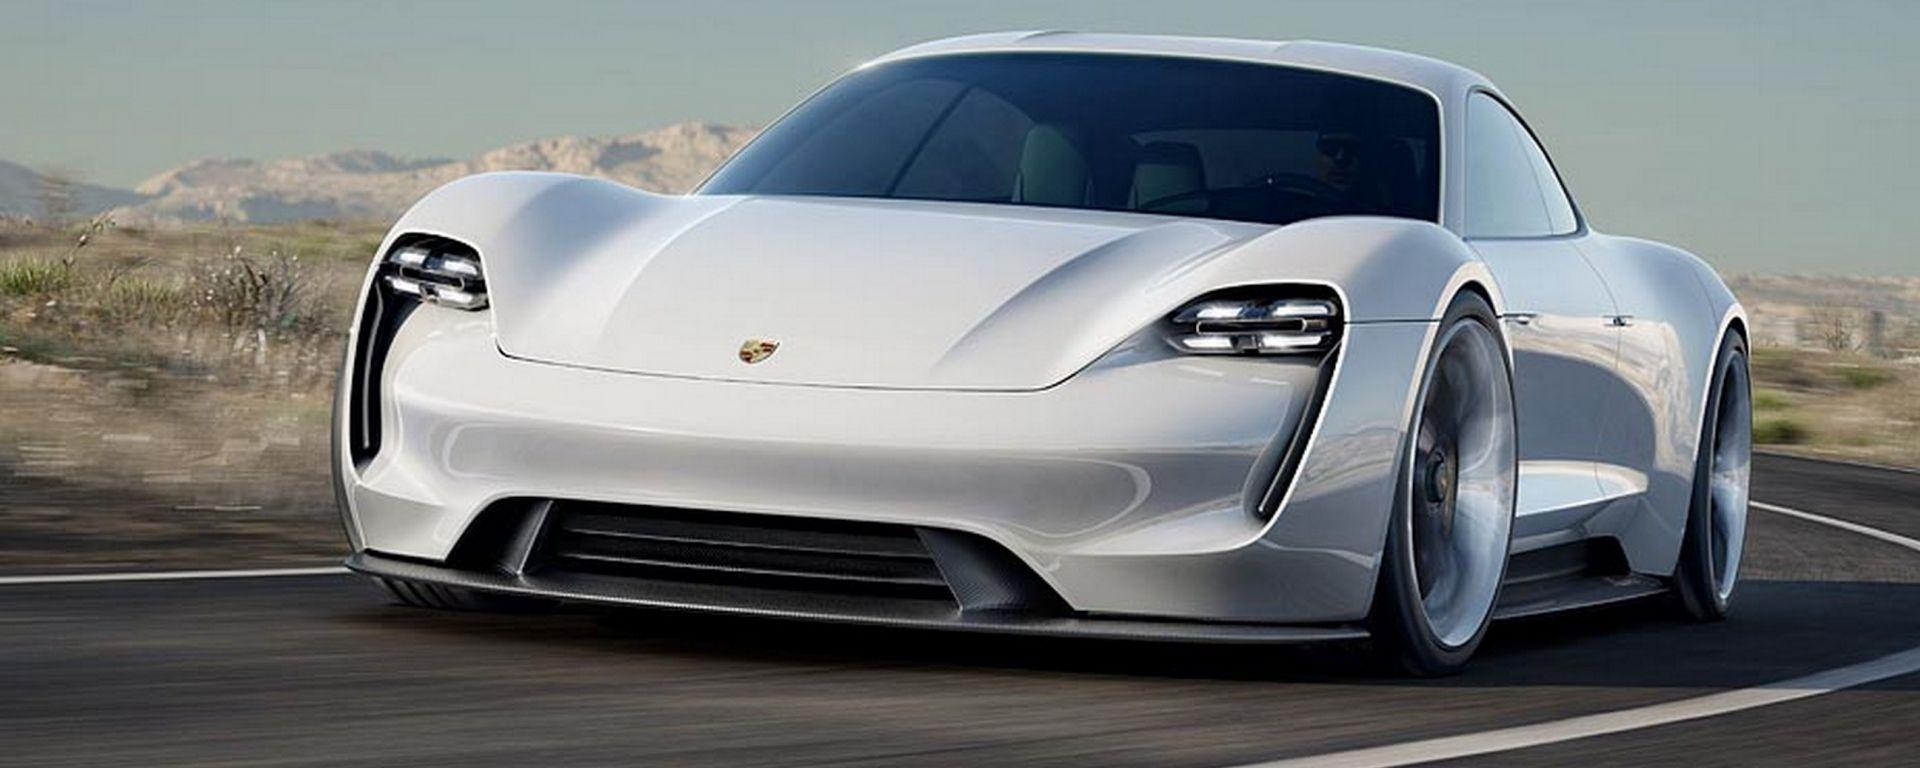 Porsche Mission E: la prima elettrica della Cavallina arriverà entro il 2020